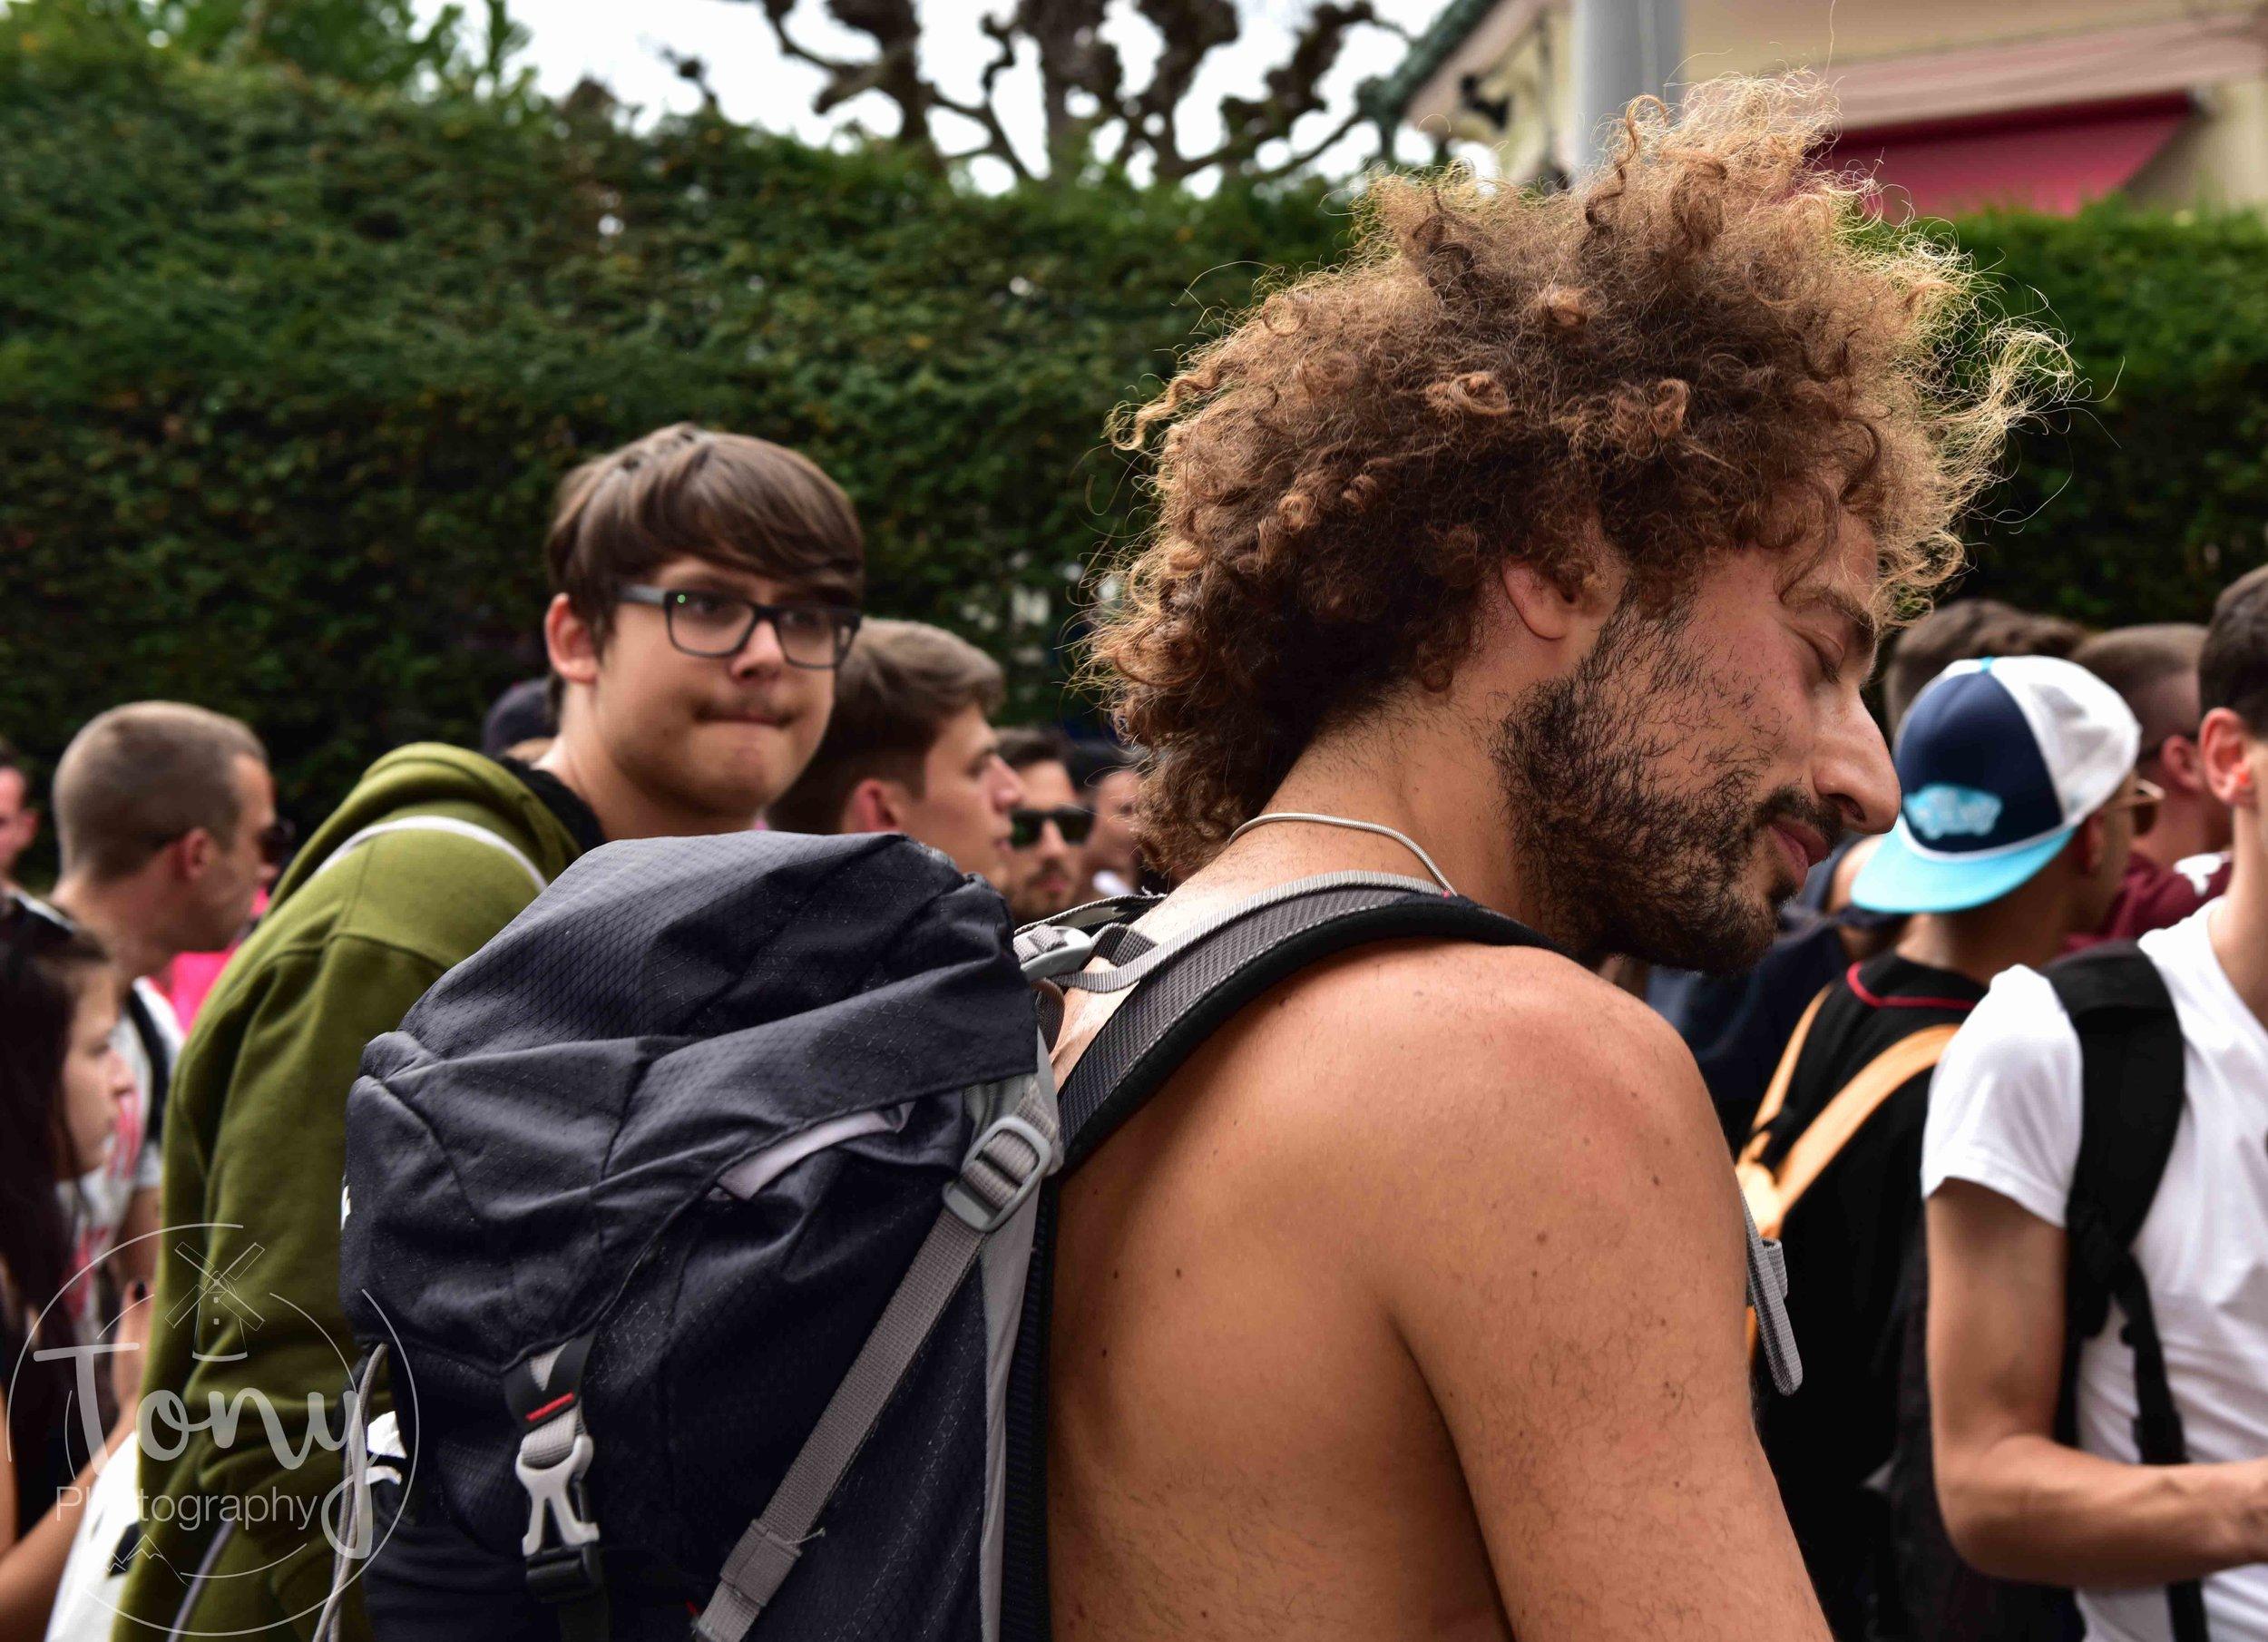 streetparade-116.jpg